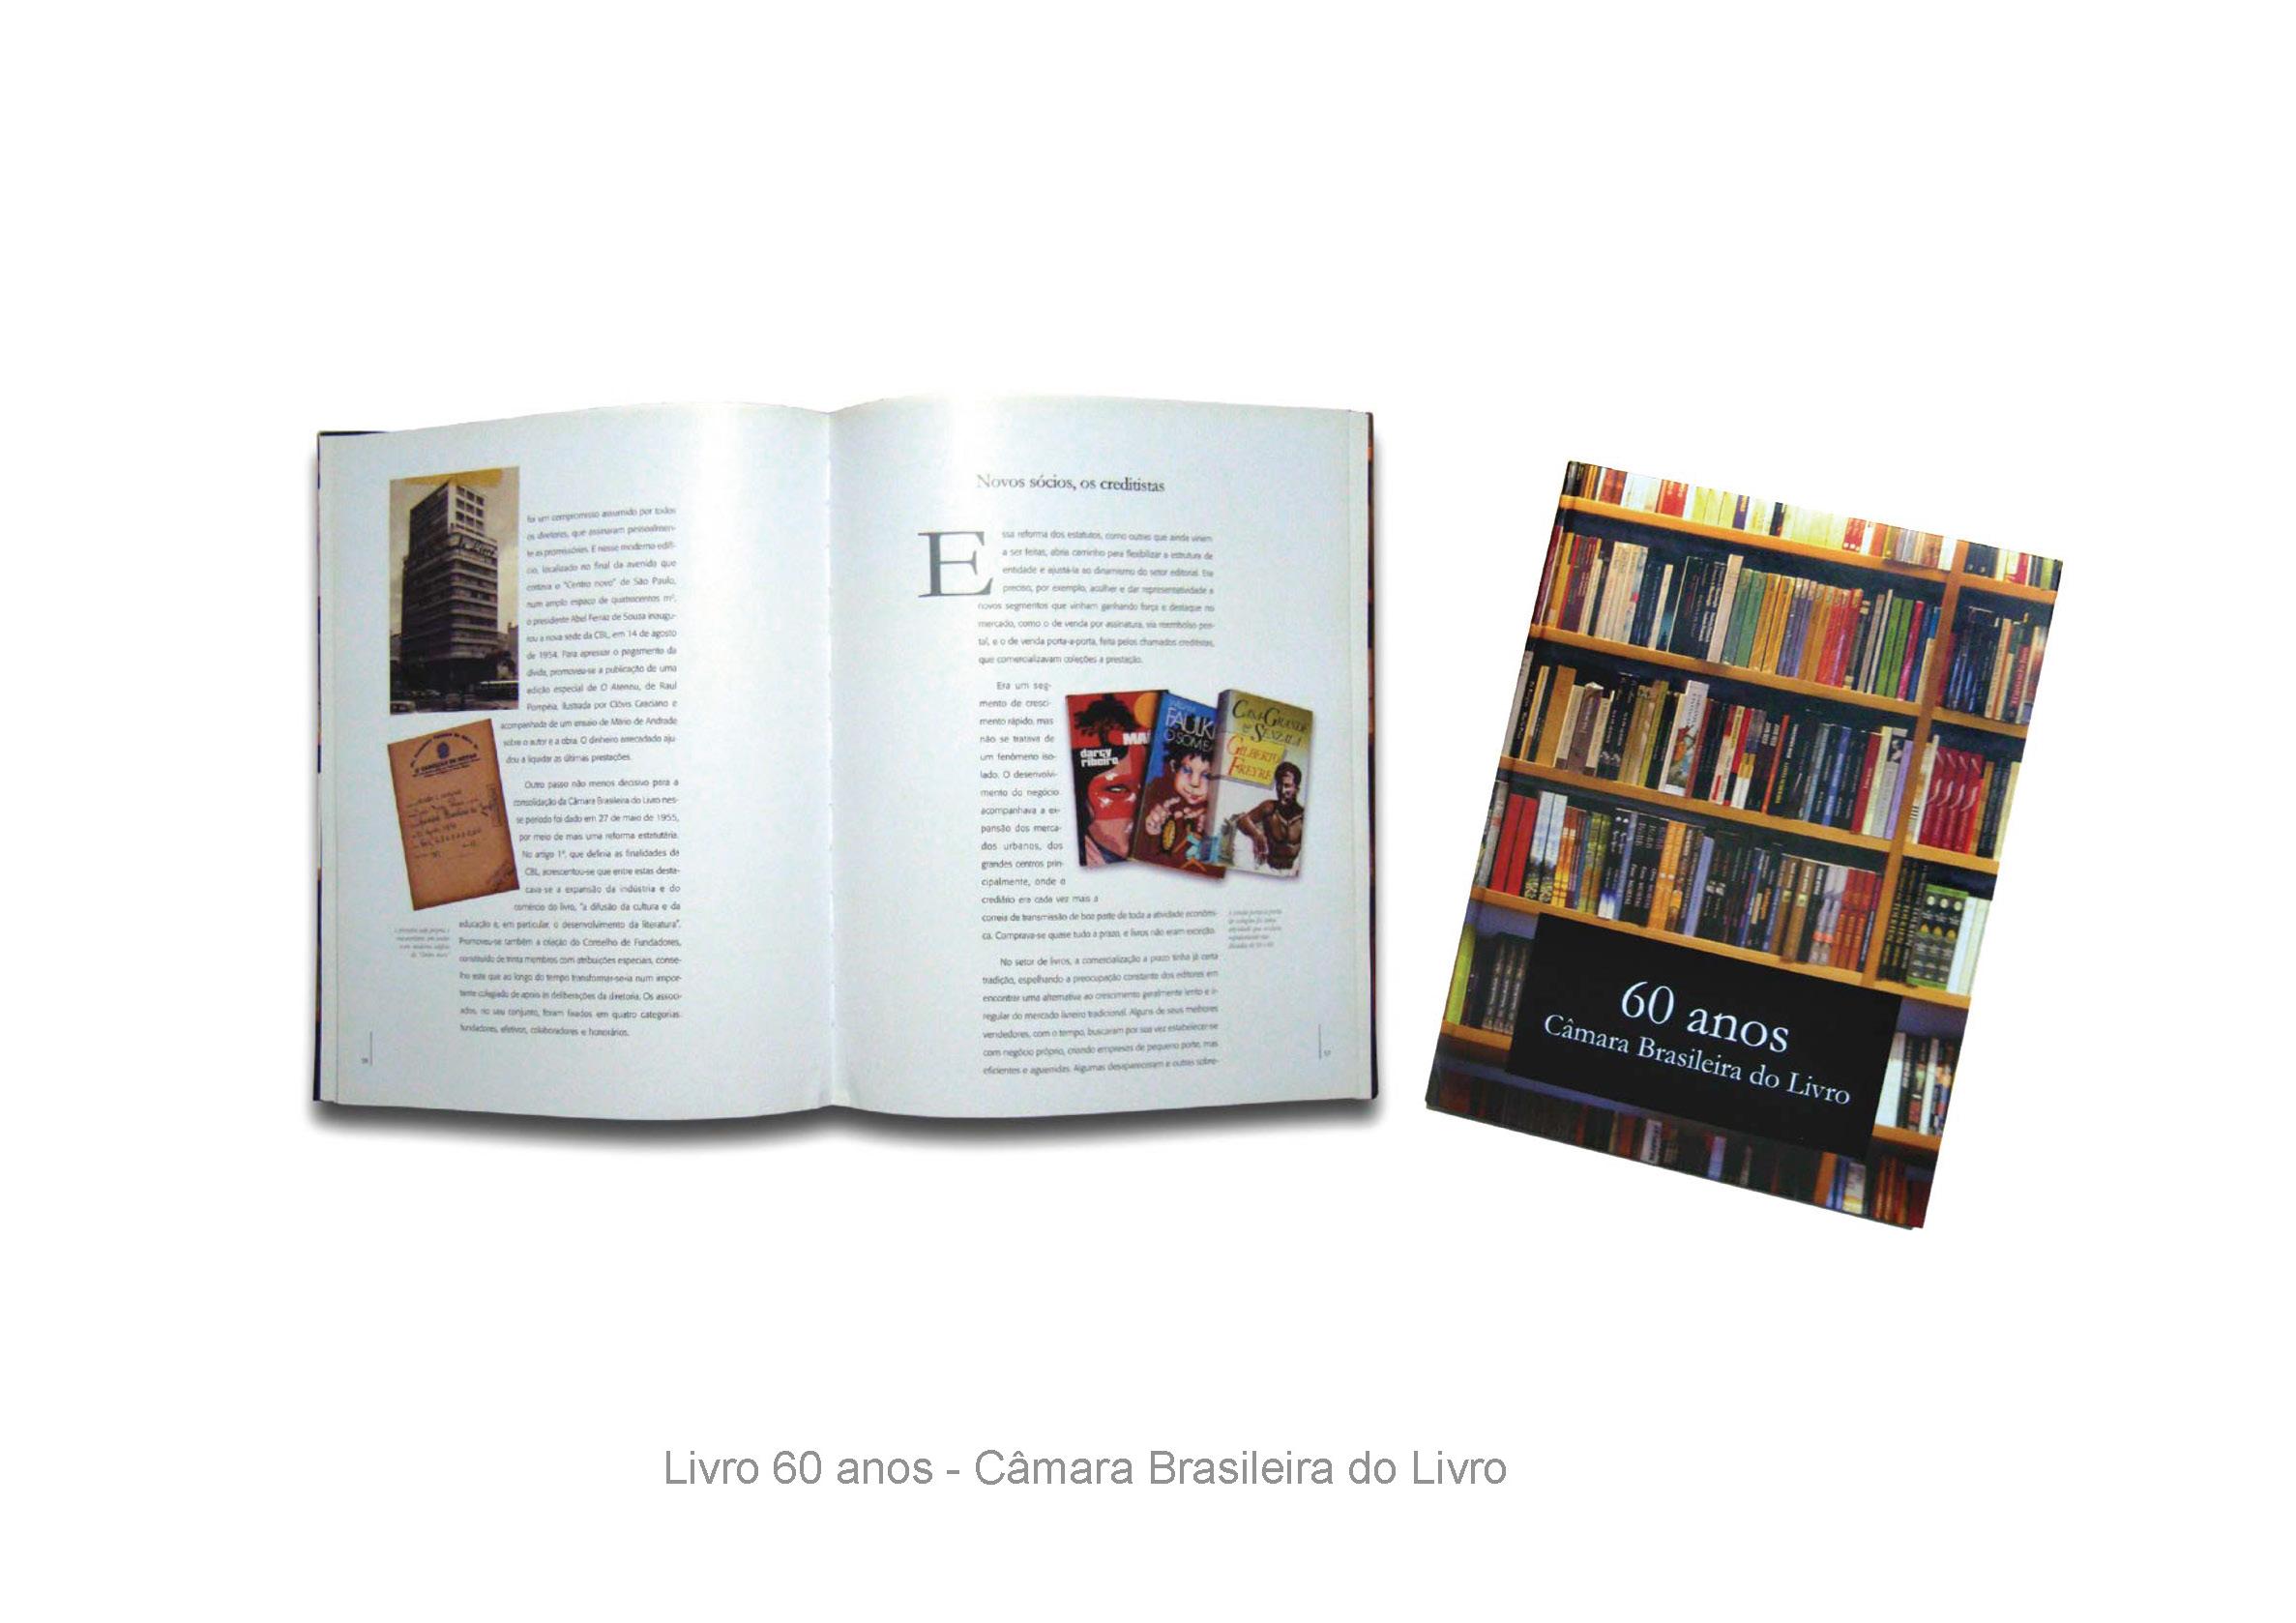 Câmara Brasileira do Livro